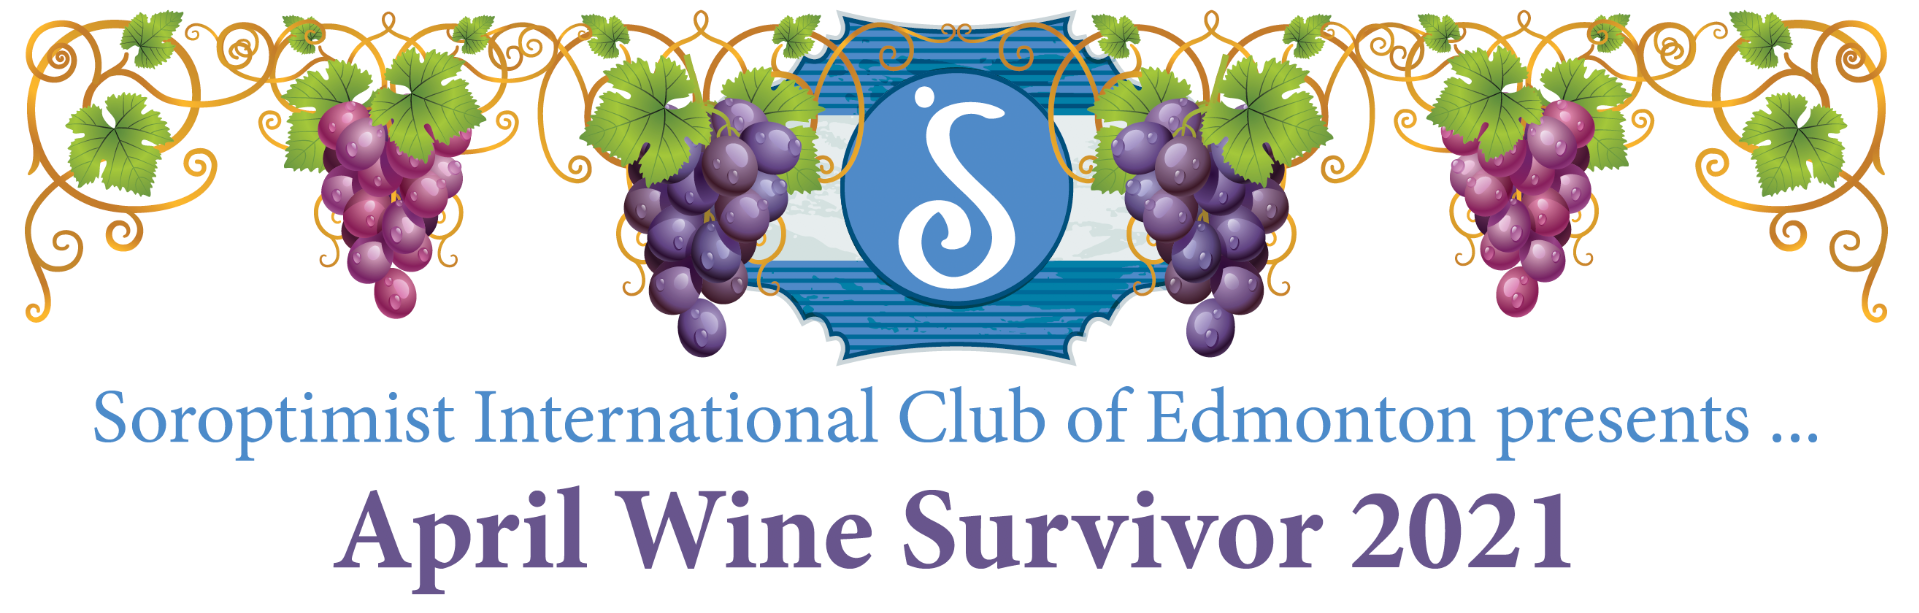 wine survivor banner